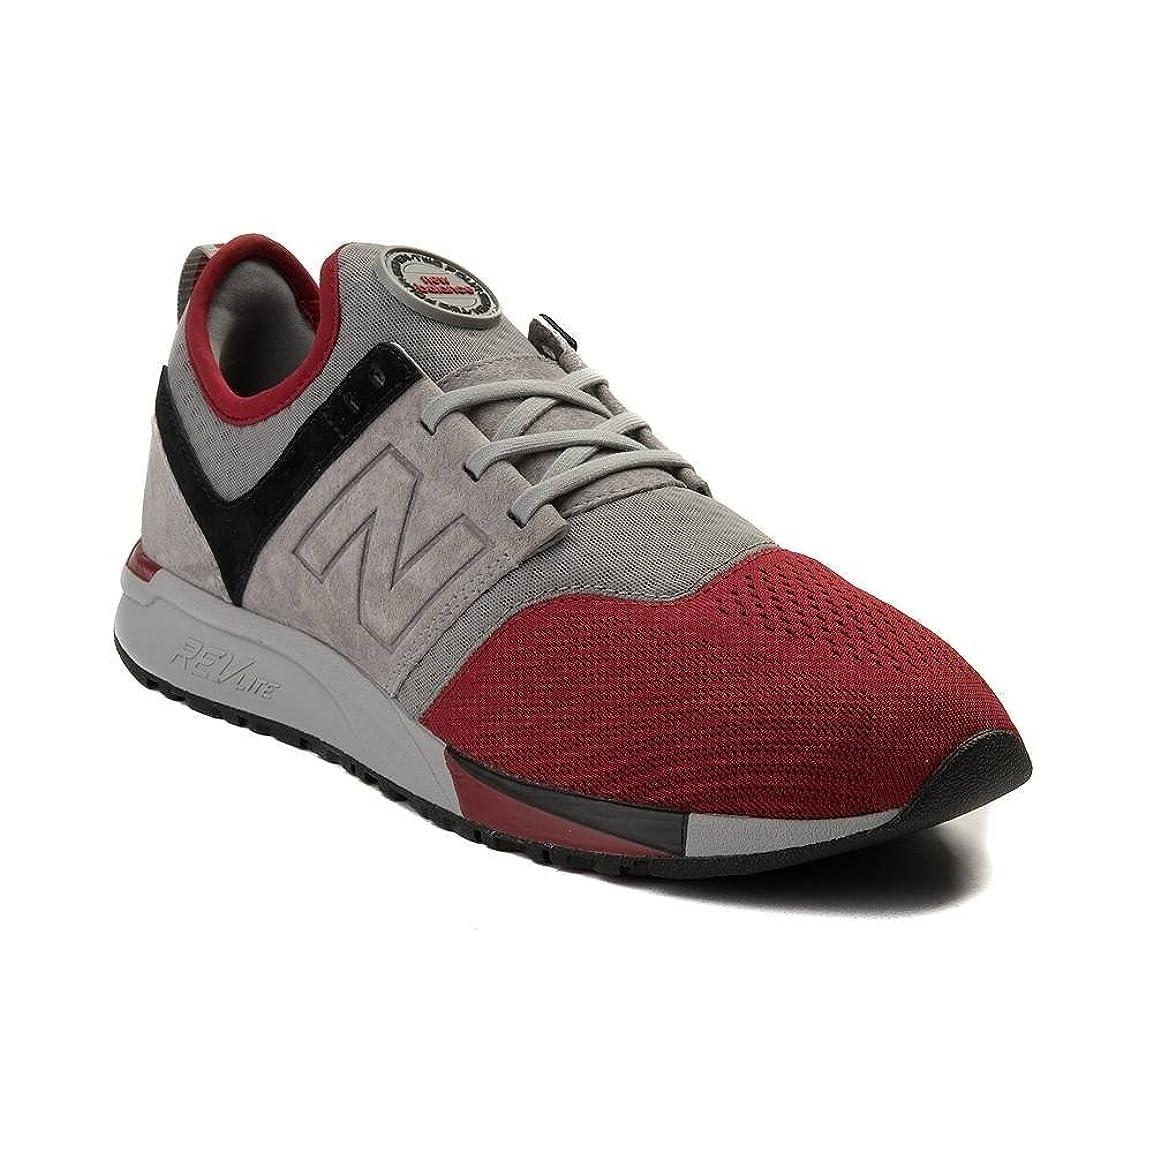 マディソン消毒剤上院議員[New Balance(ニューバランス)] 靴?シューズ レディーススニーカー Mens New Balance 247 Athletic Shoe [並行輸入品]